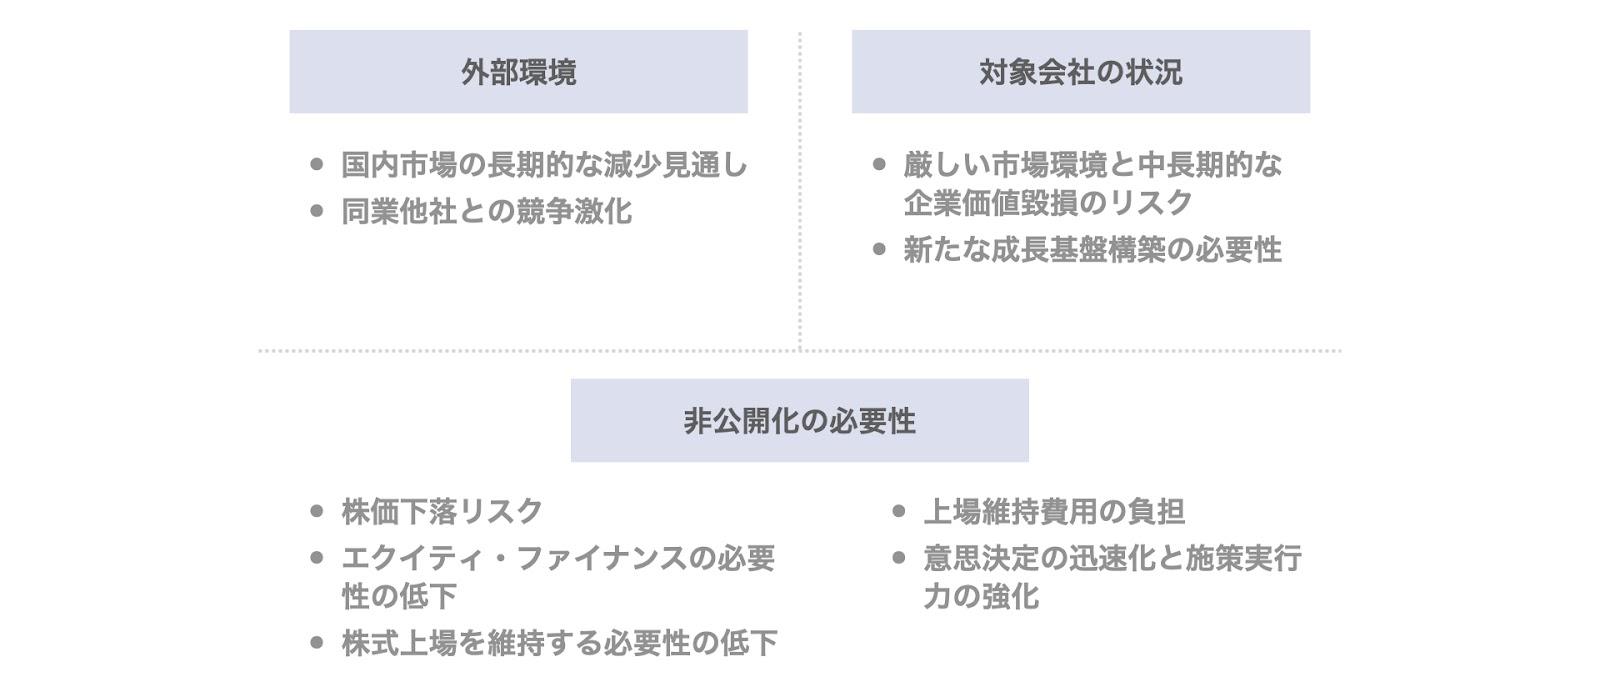 事例2. ミヤコのデットMBOの背景・目的